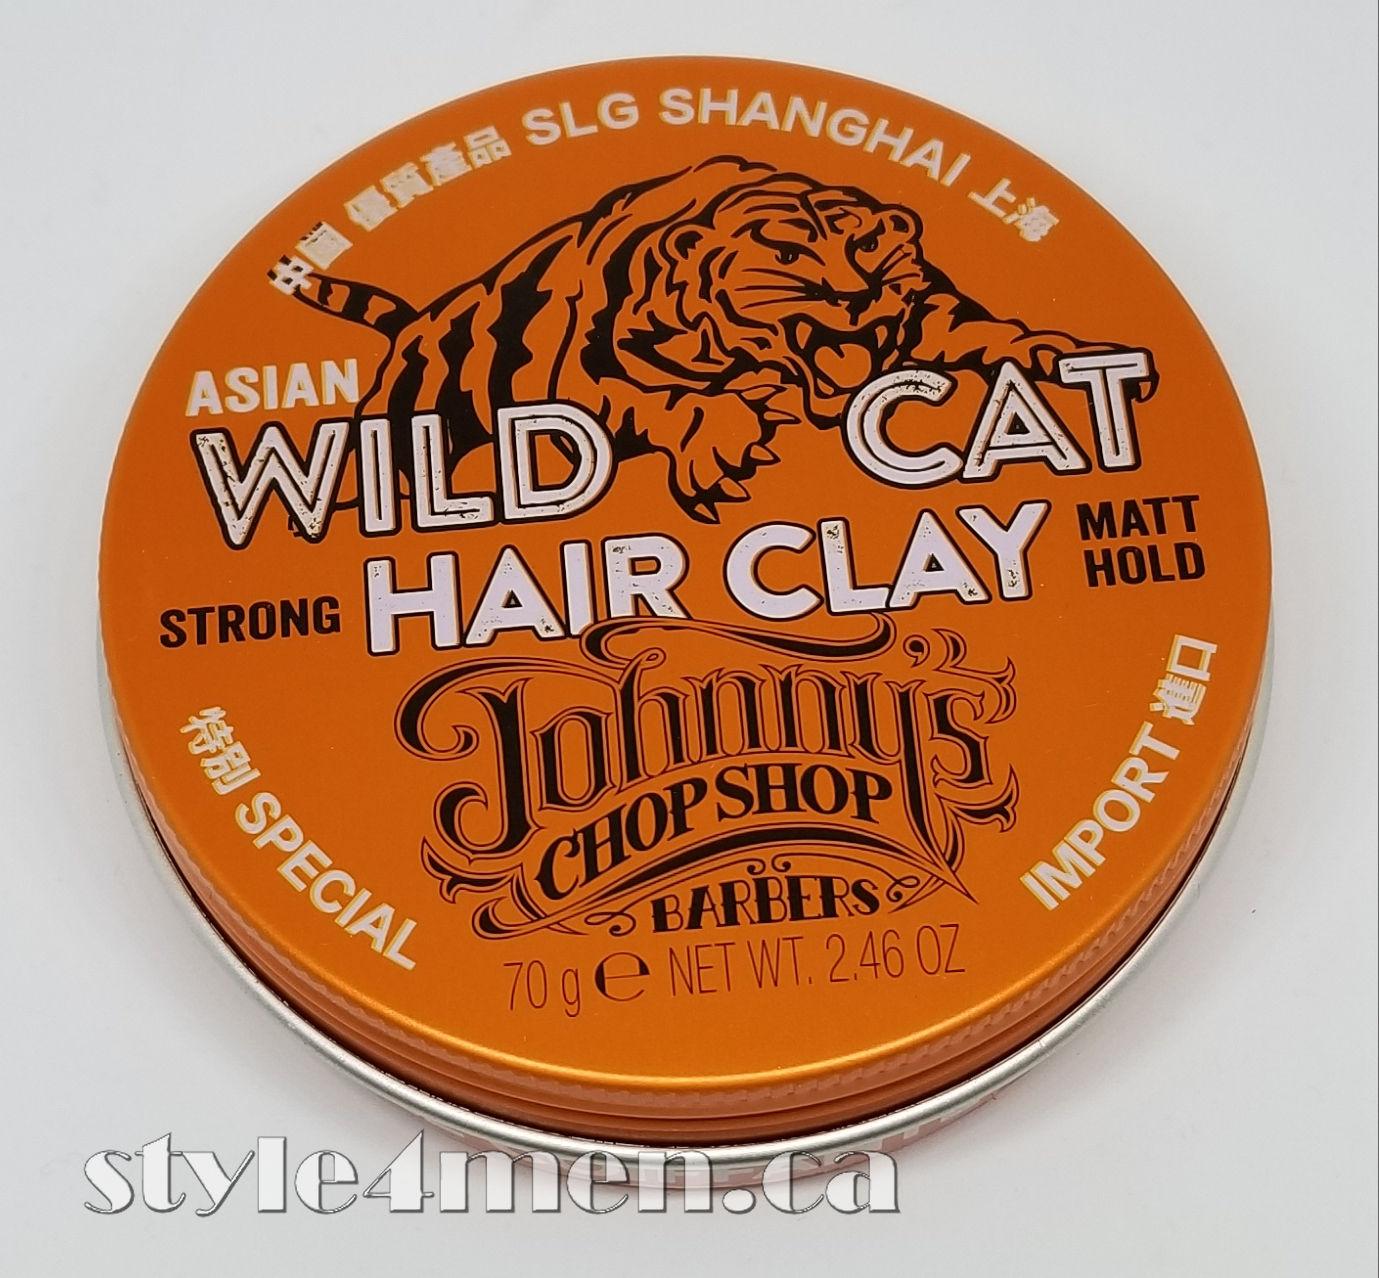 Johnny's Chop Shop Clay